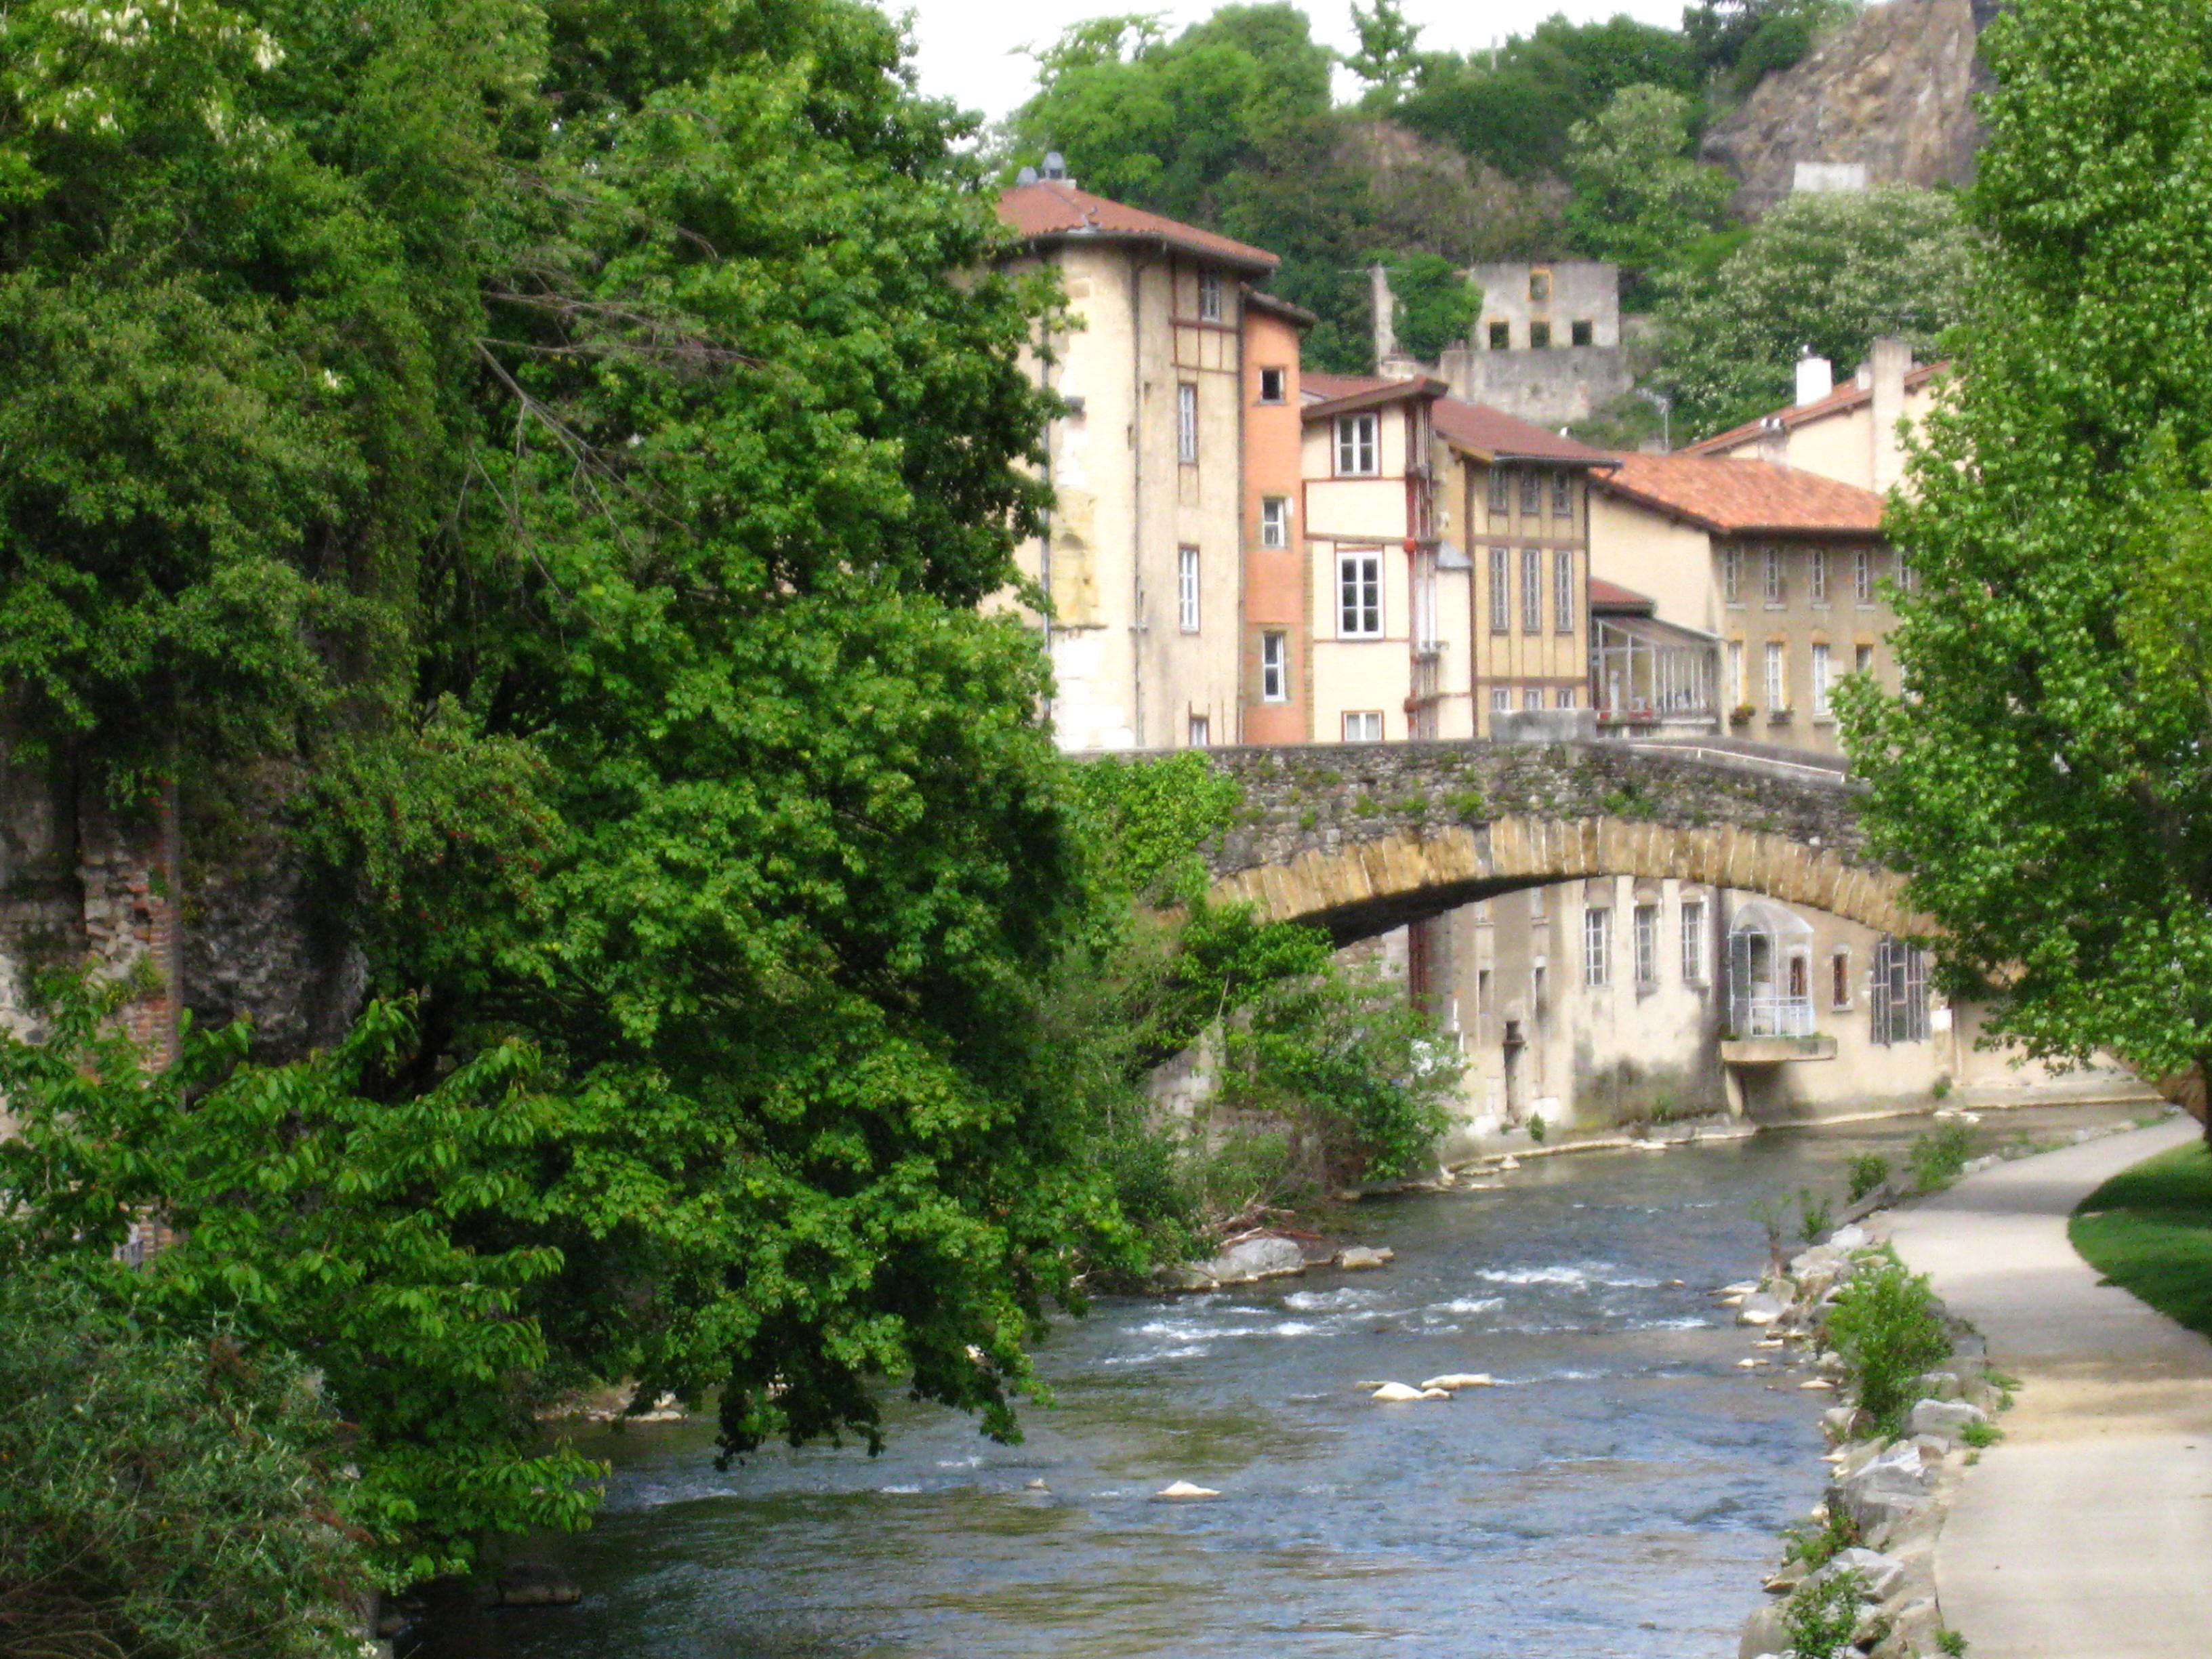 La rivière nait dans la forêt de Bonnevaux à 549 m d'altitude. Elle court sur 34,5 km avant de se jeter dans le Rhône